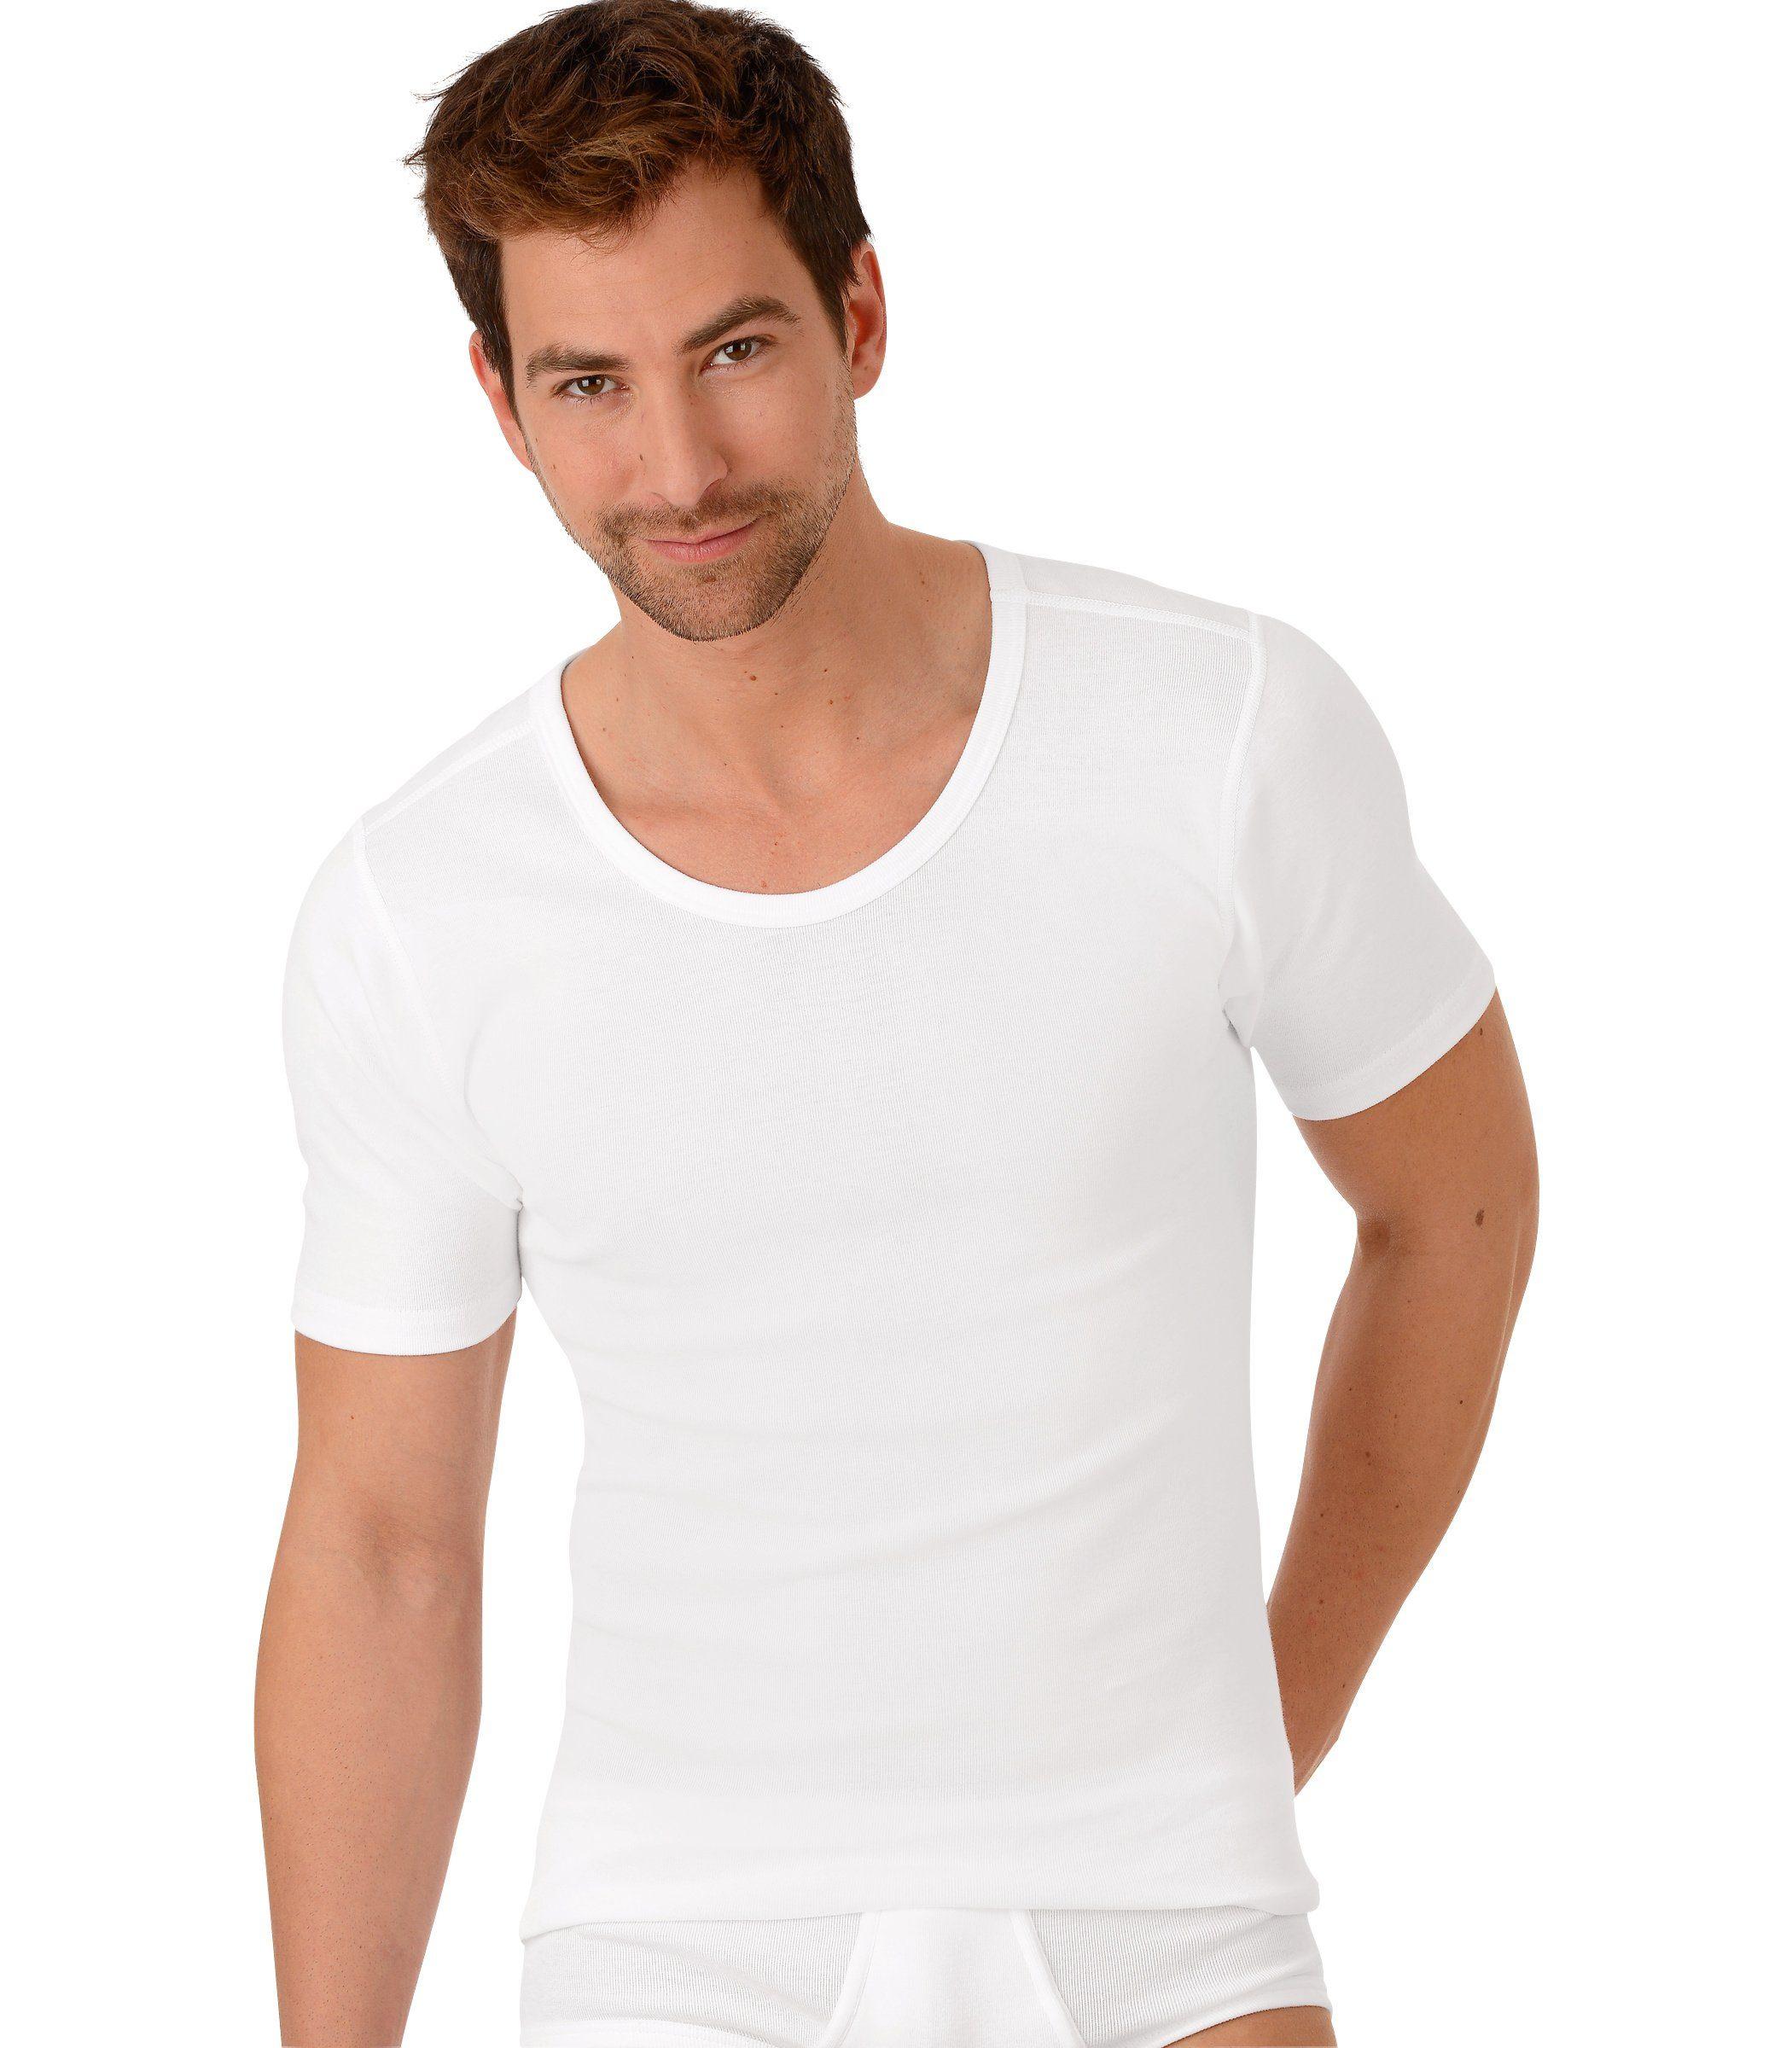 TRIGEMA Halbarm-Unterhemd Bio im Doppelpack | Bekleidung > Wäsche > Unterhemden | Weiß | Baumwolle | Trigema